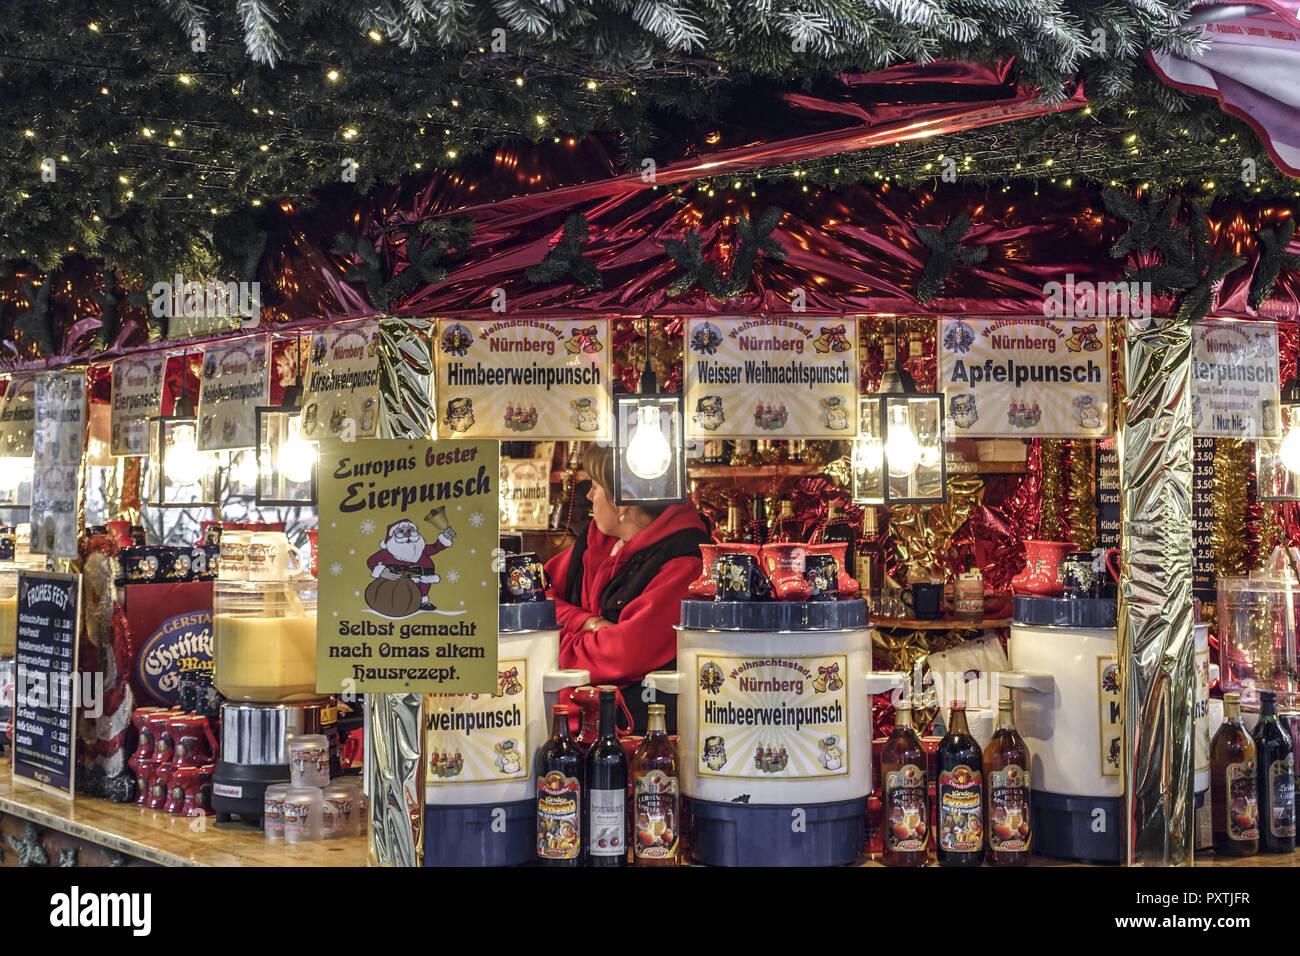 Bester Weihnachtsmarkt Deutschland.Weihnachtsmarkt Christkindlesmarkt In Nürnberg Hauptmarkt